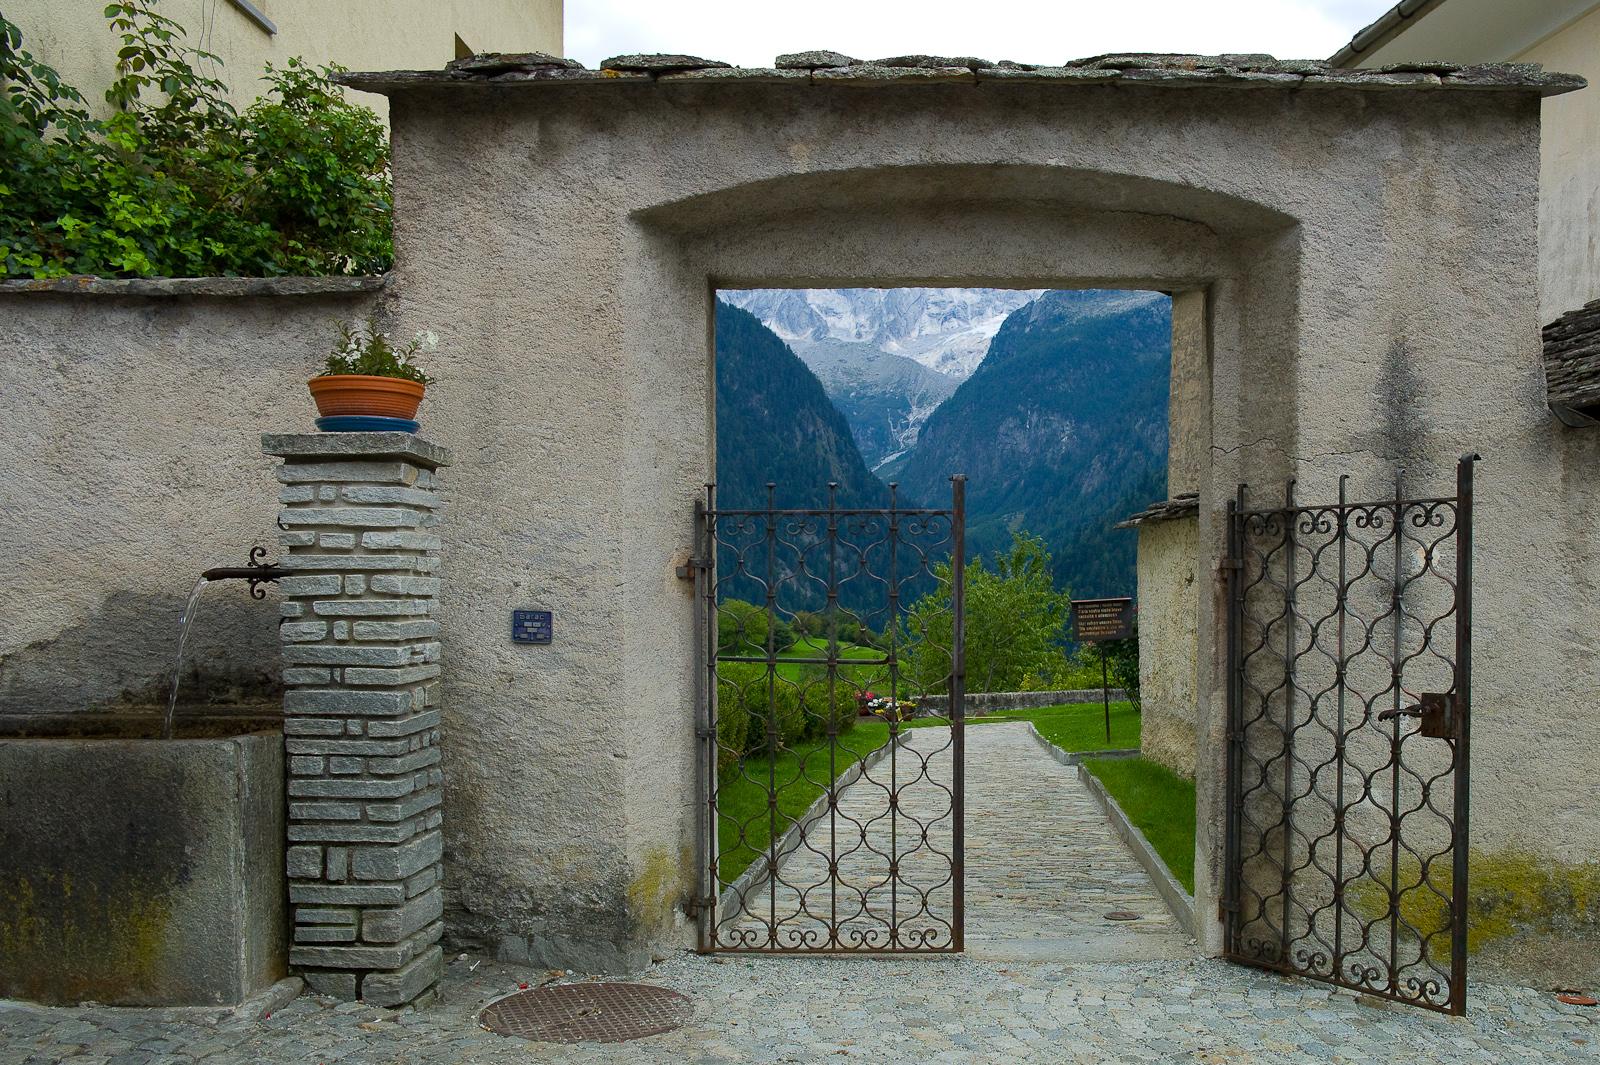 Solglio, Switzerland